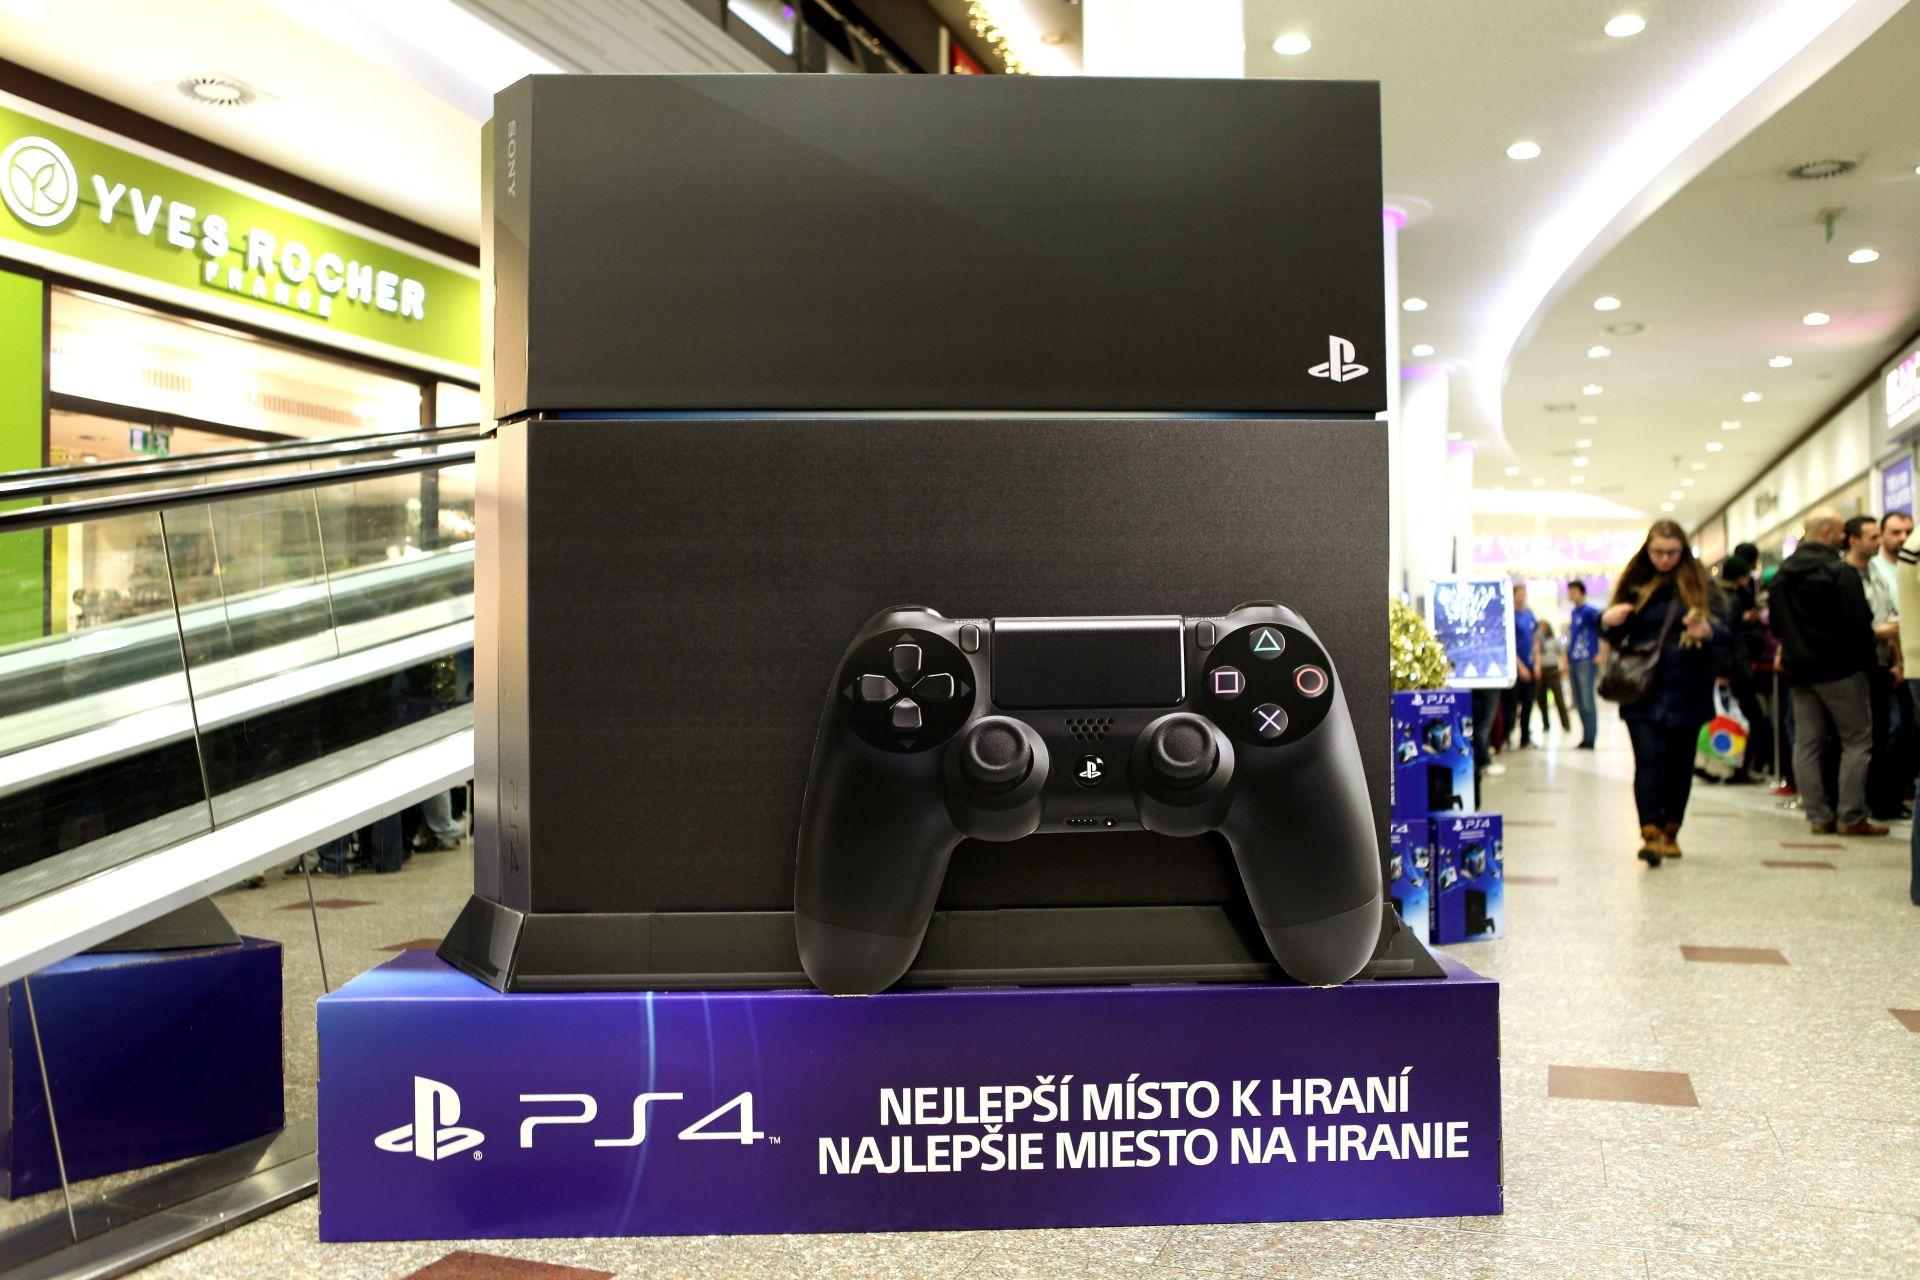 Fotky z půlnočního prodeje PS4 v Praze a Bratislavě 90887